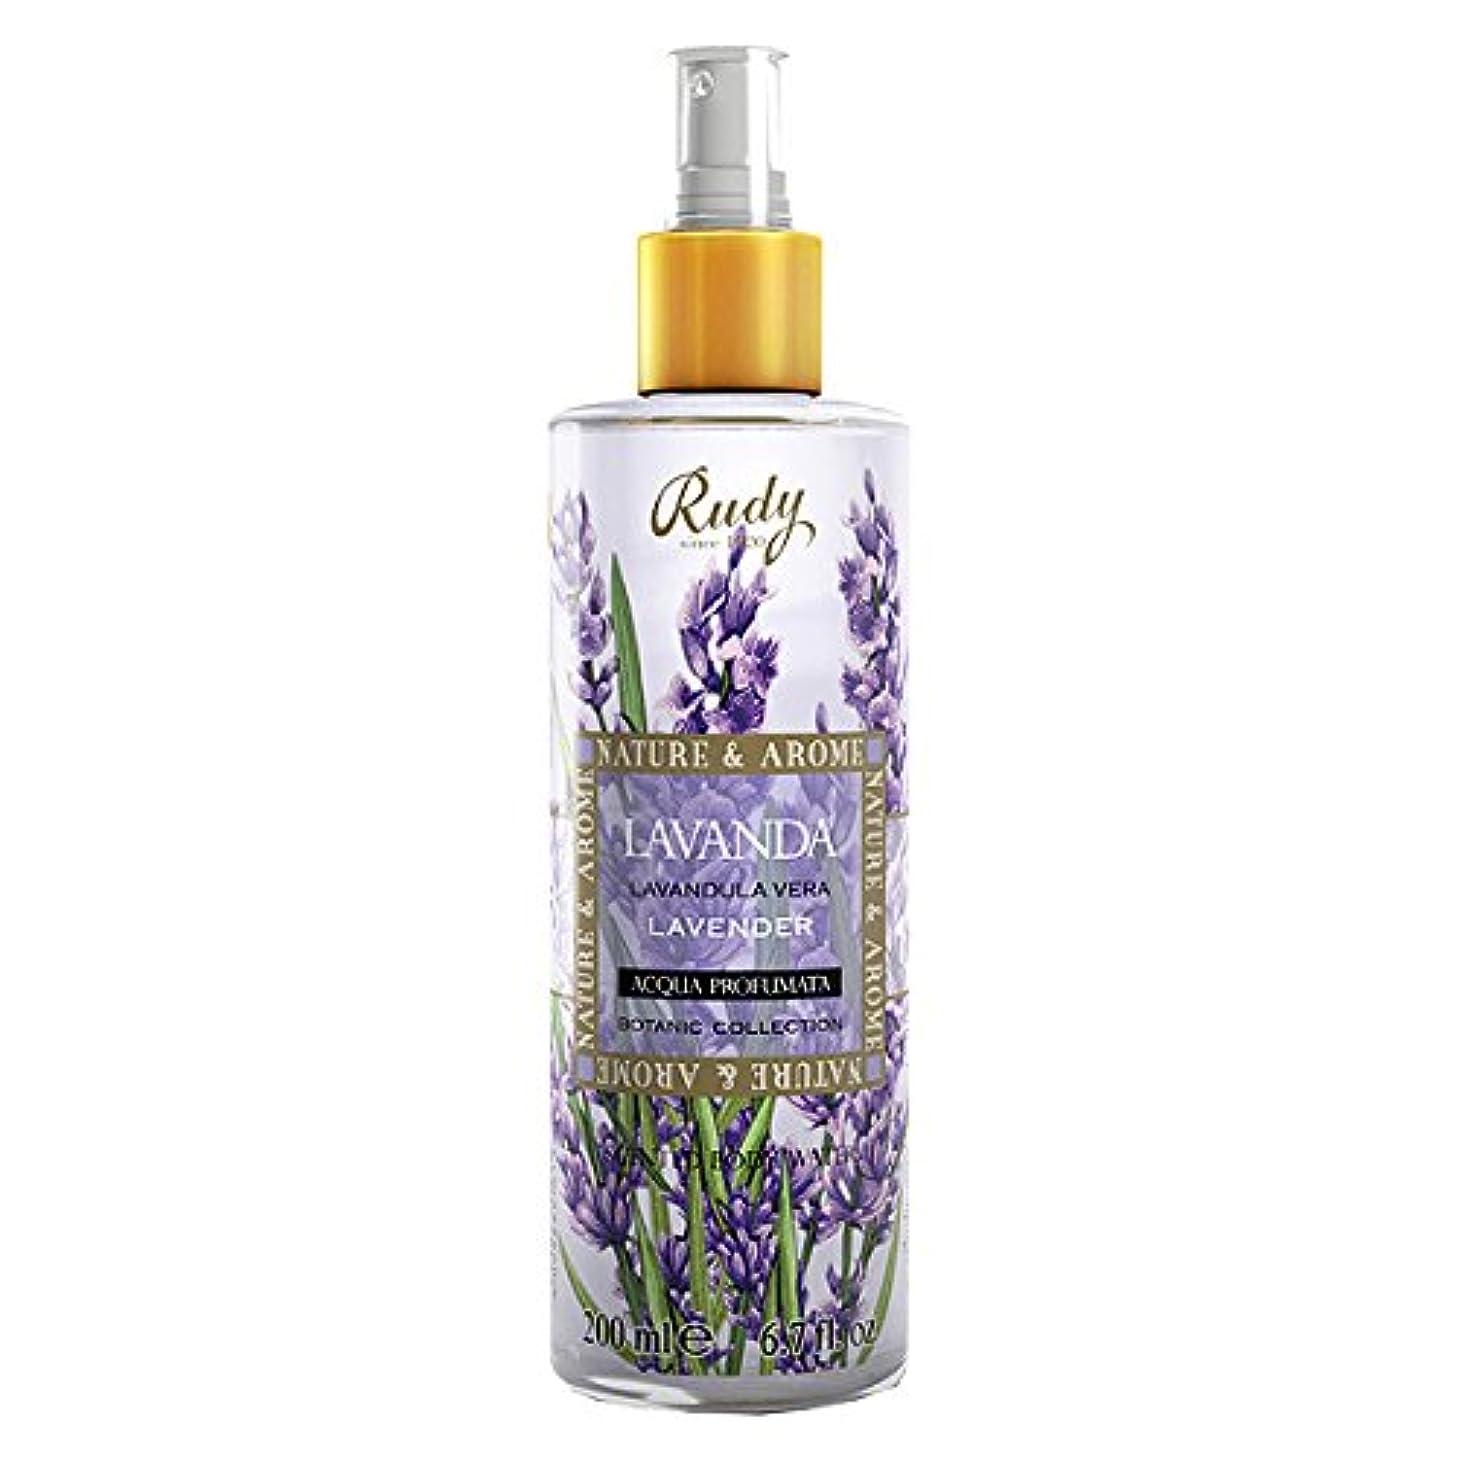 南味四ルディ(Rudy) ナチュール&アロマ ボディミスト ラベンダー 200ml 【並行輸入品】 RUDY Nature&Arome SERIES Body Mist Lavender